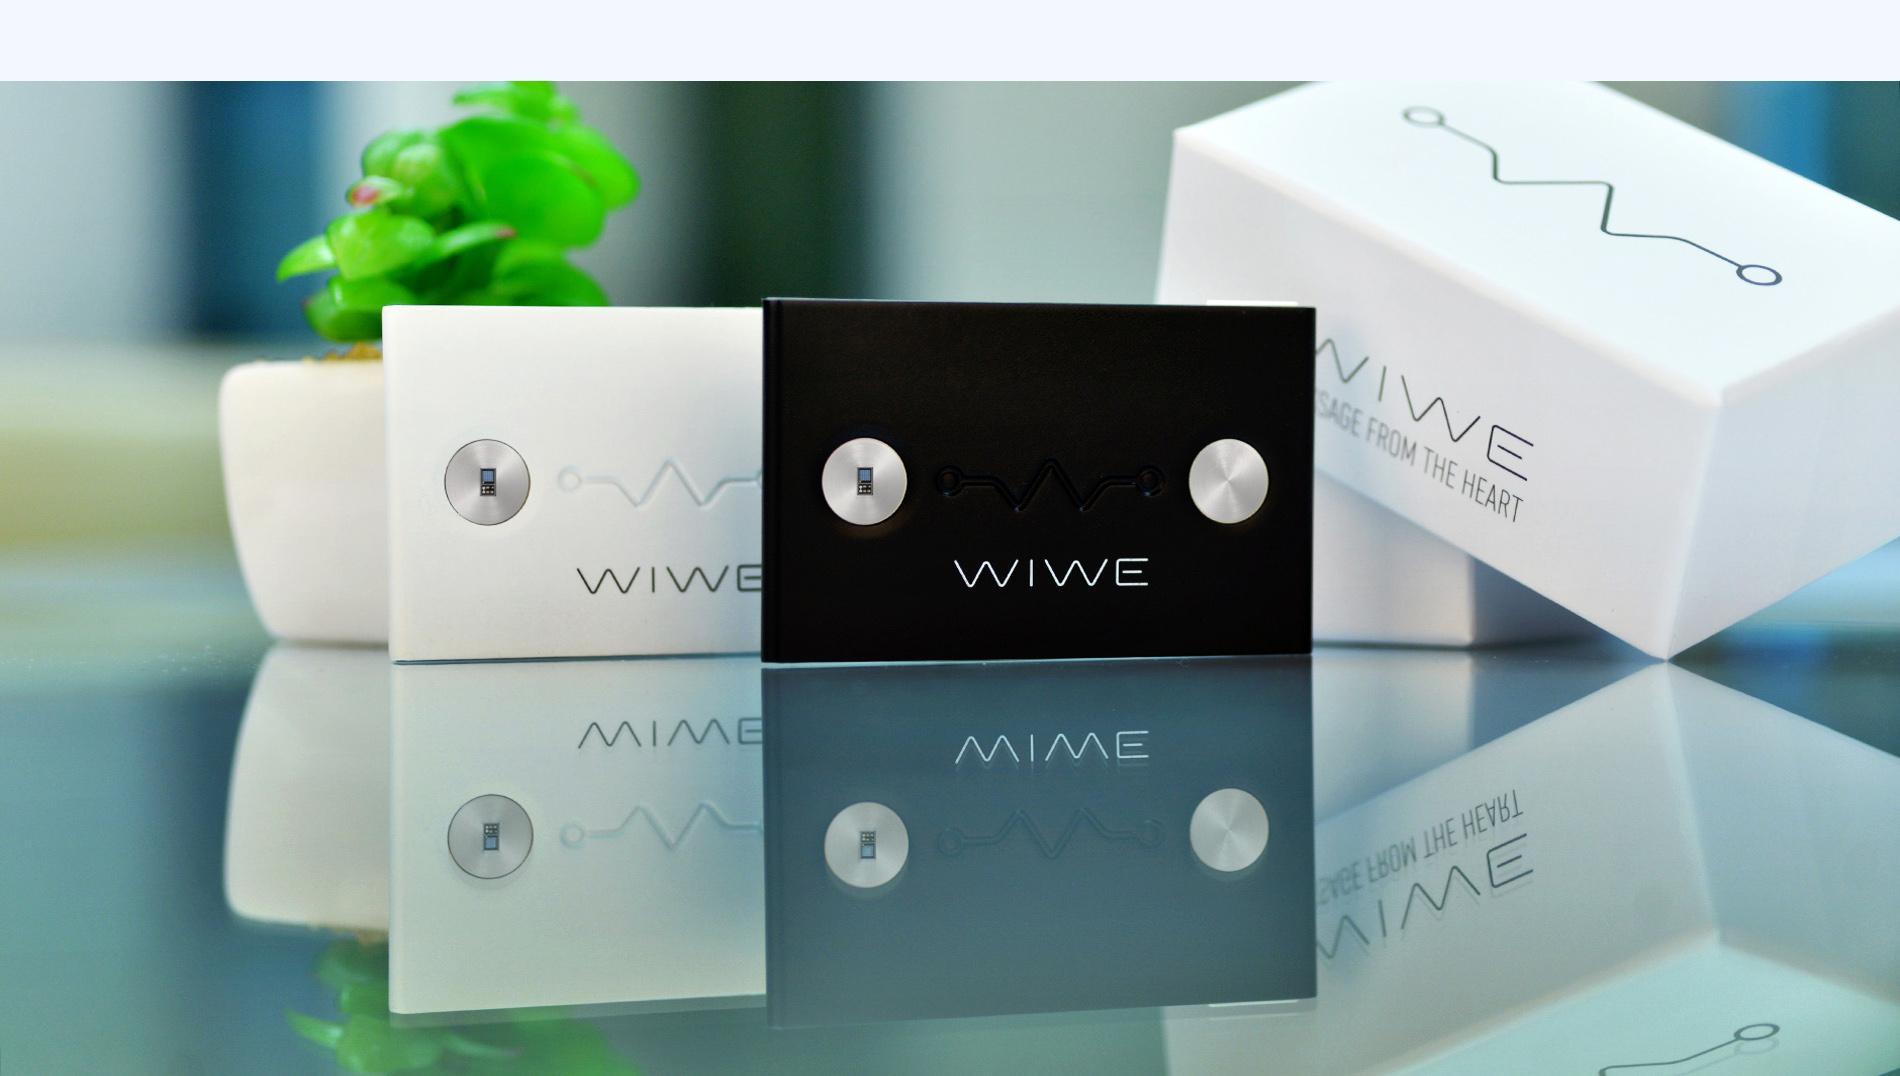 Buy WIWE